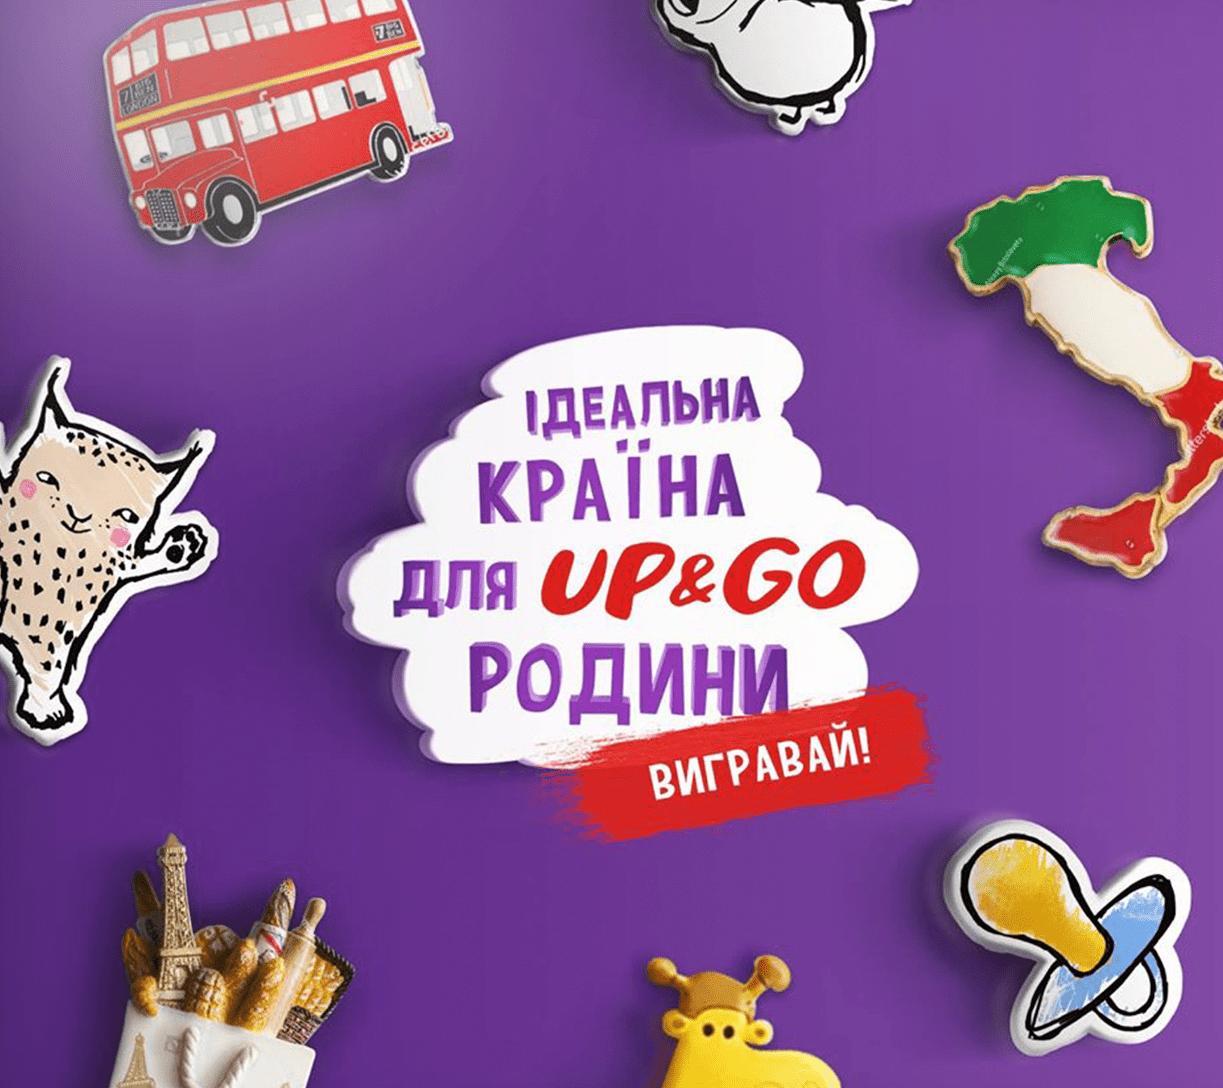 ОТПУСК МЕЧТЫ С LIBERO UP&GO 8